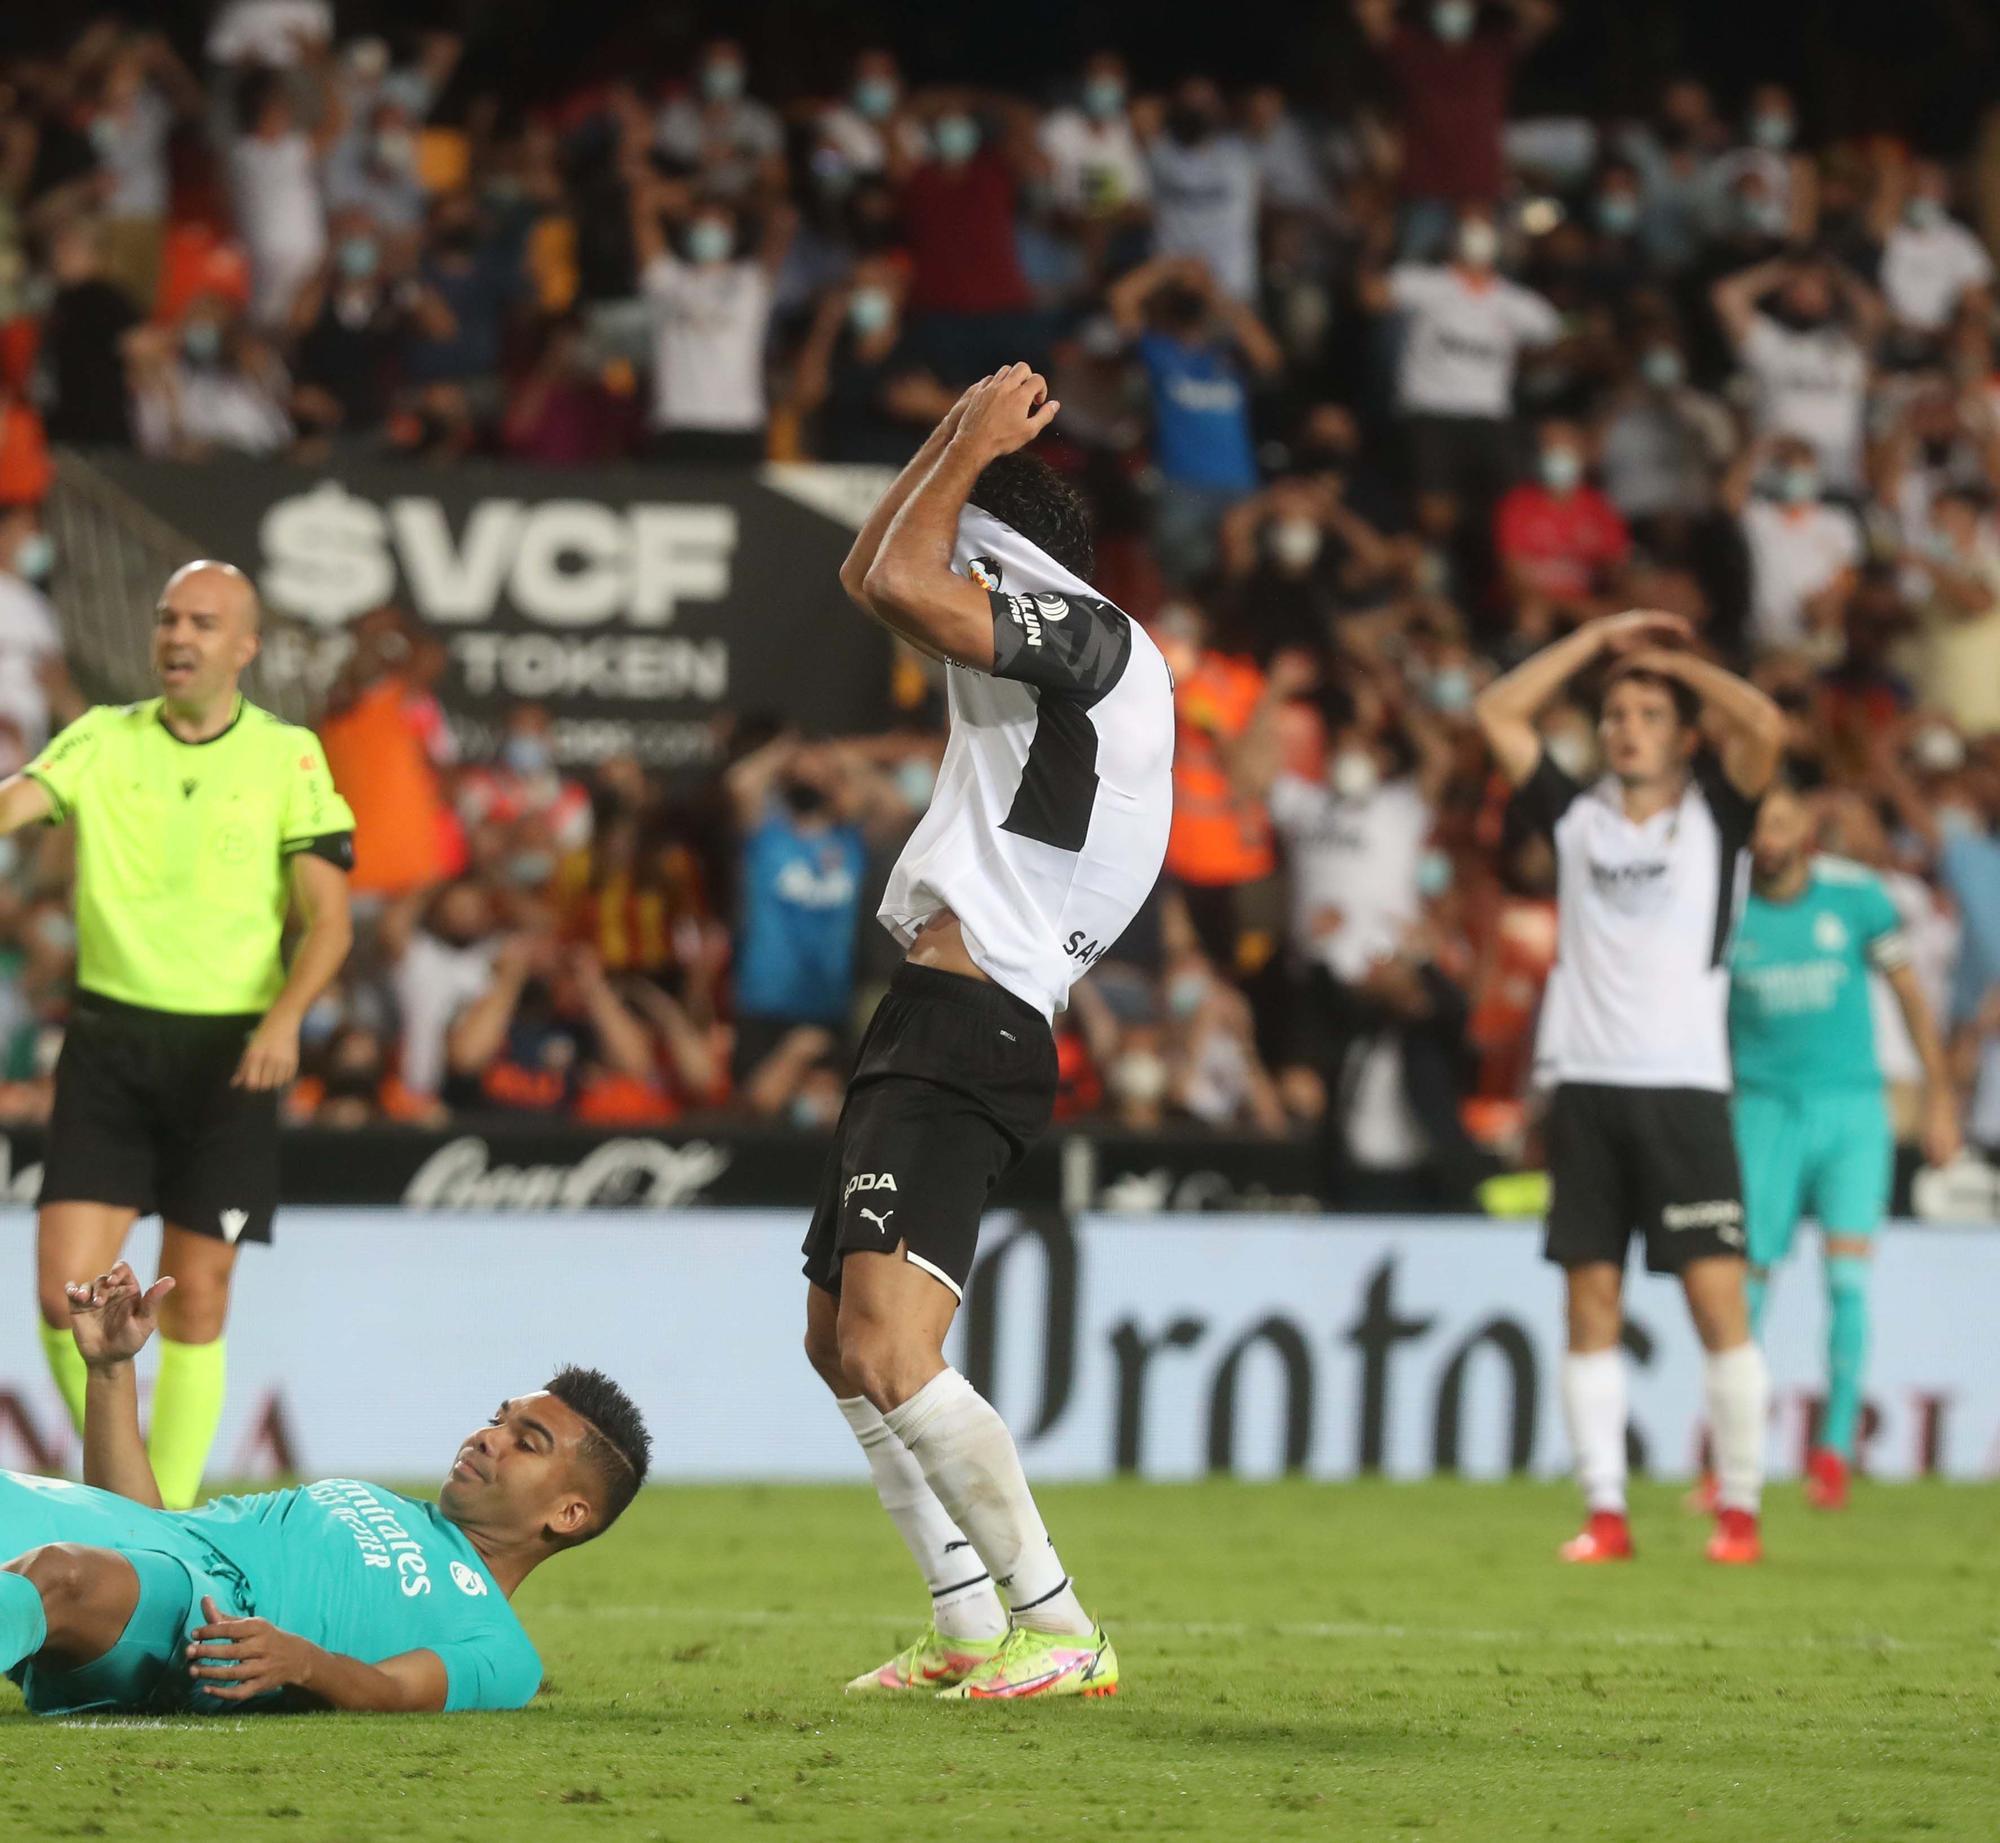 Las imágenes del partido entre el Valencia CF y el Real Madrid